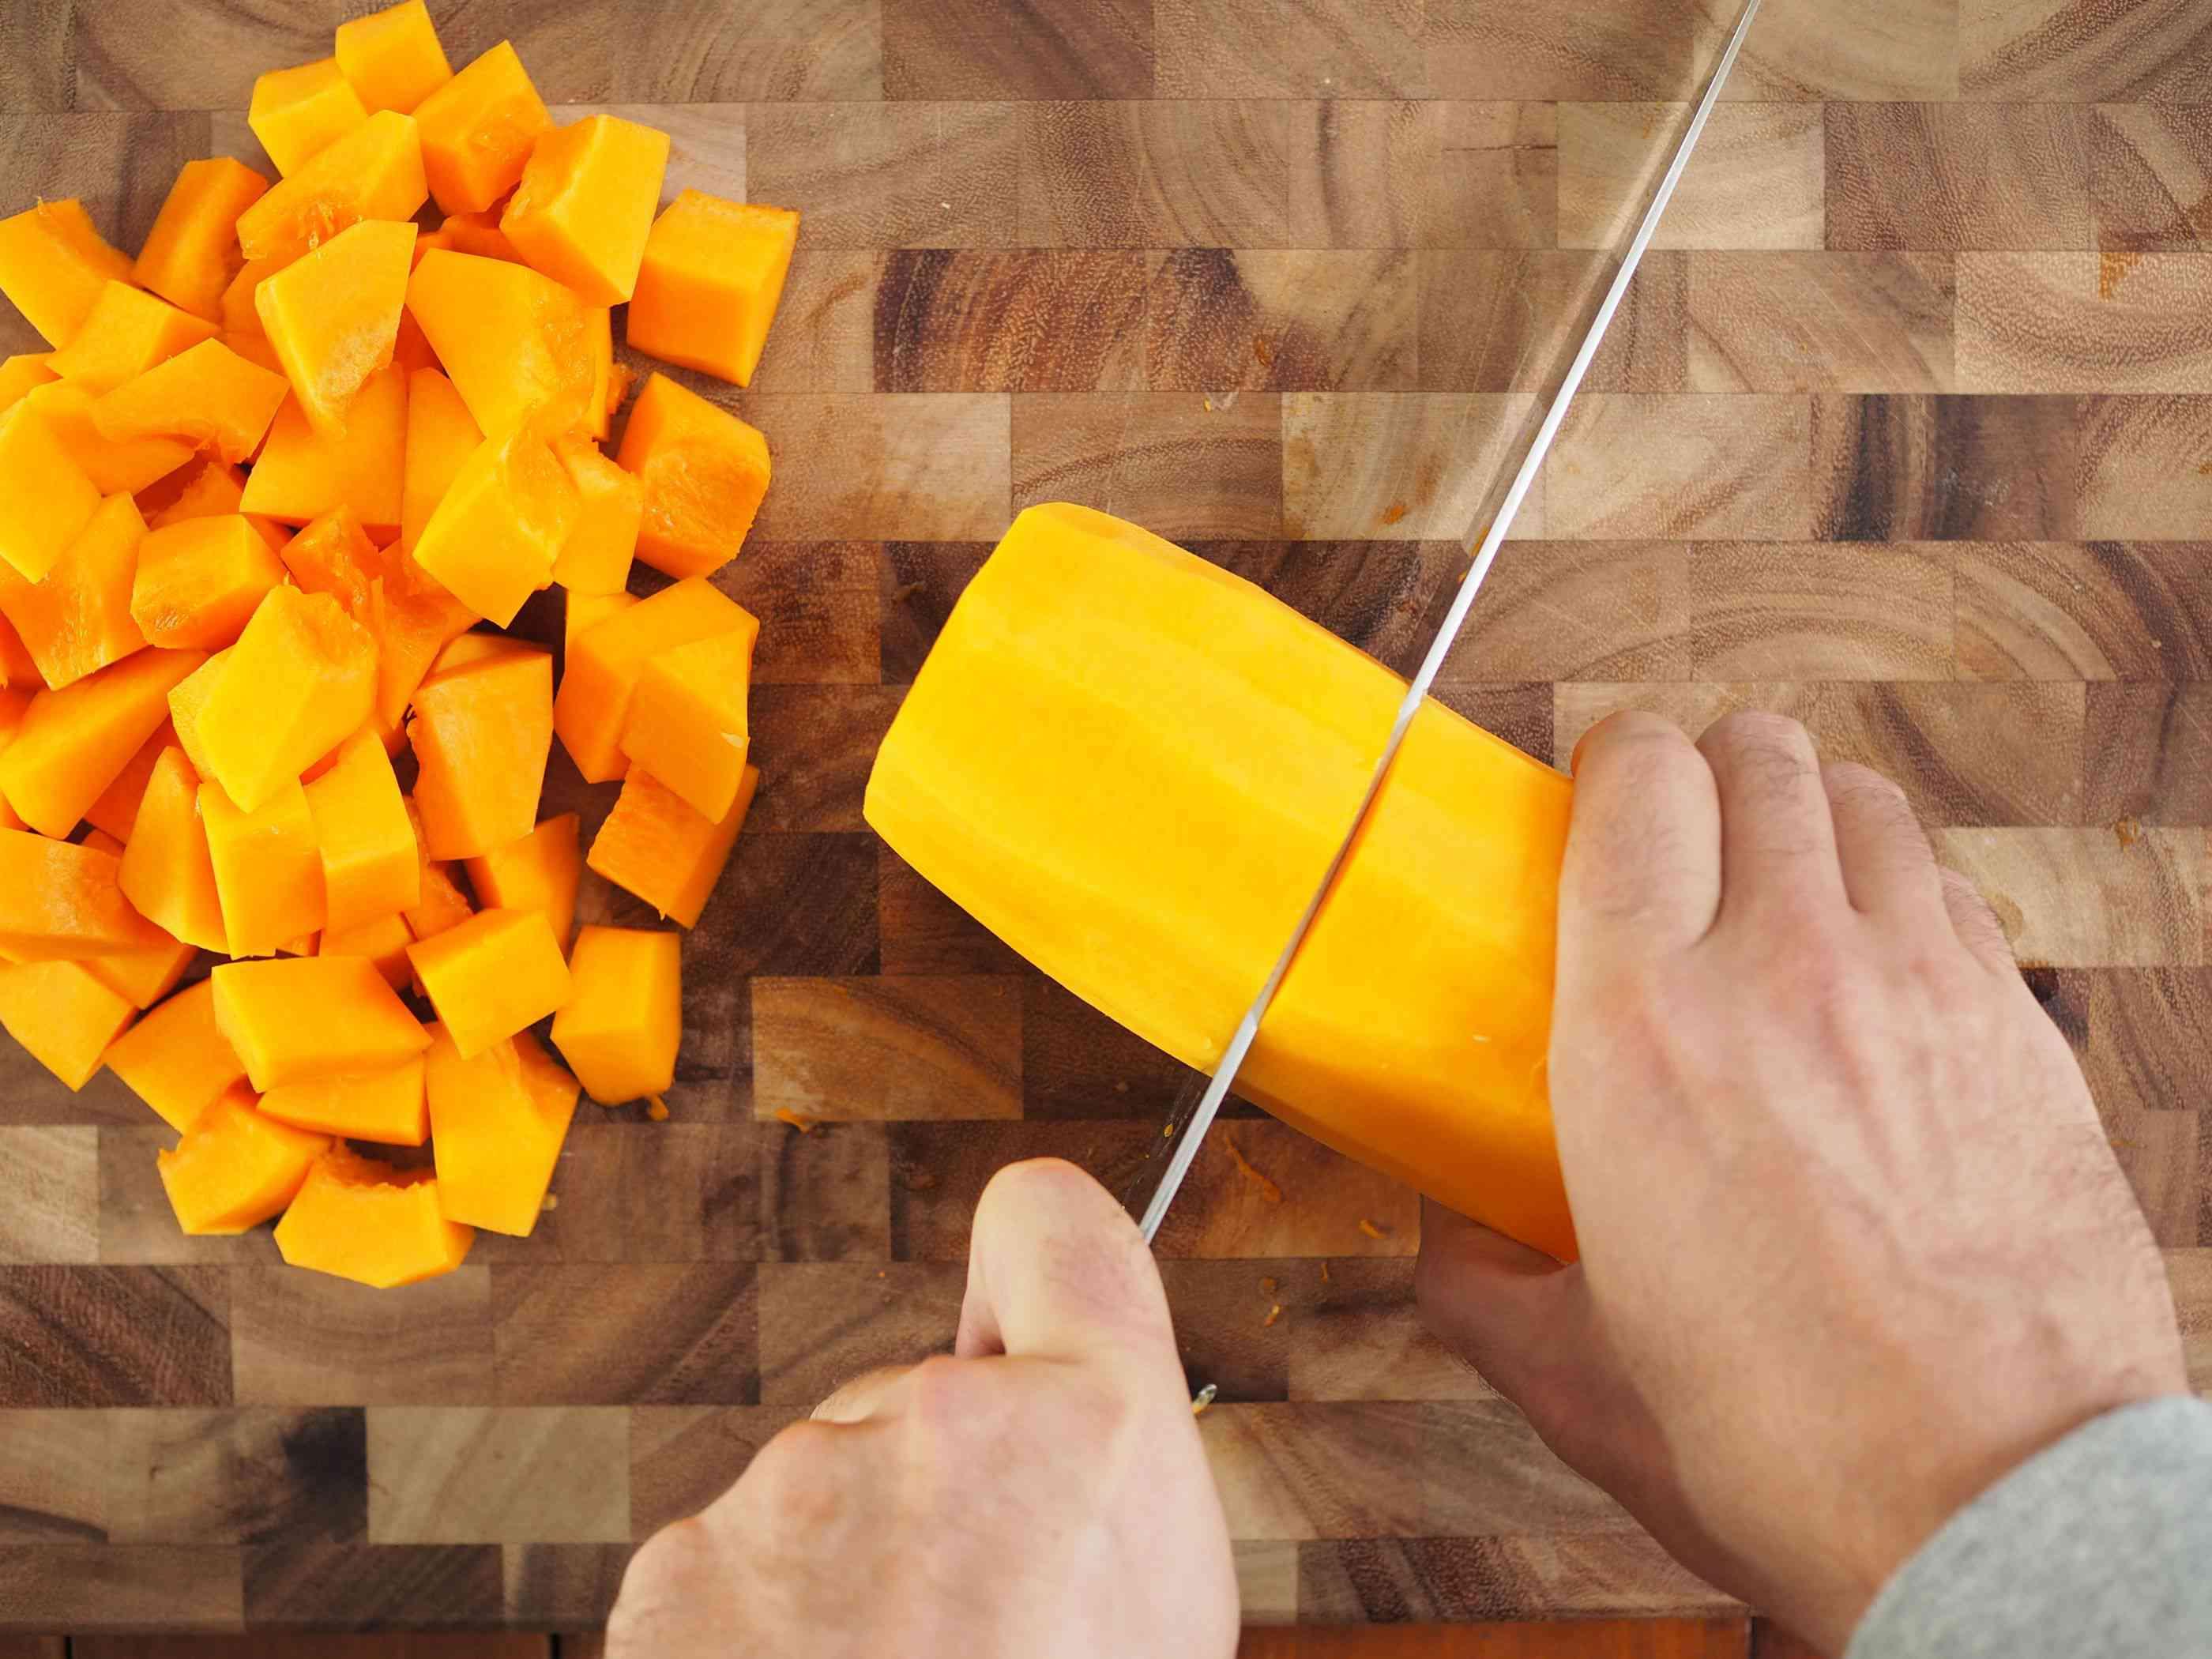 20141008-knife-skills-butternut-squash-daniel-gritzer22.jpg